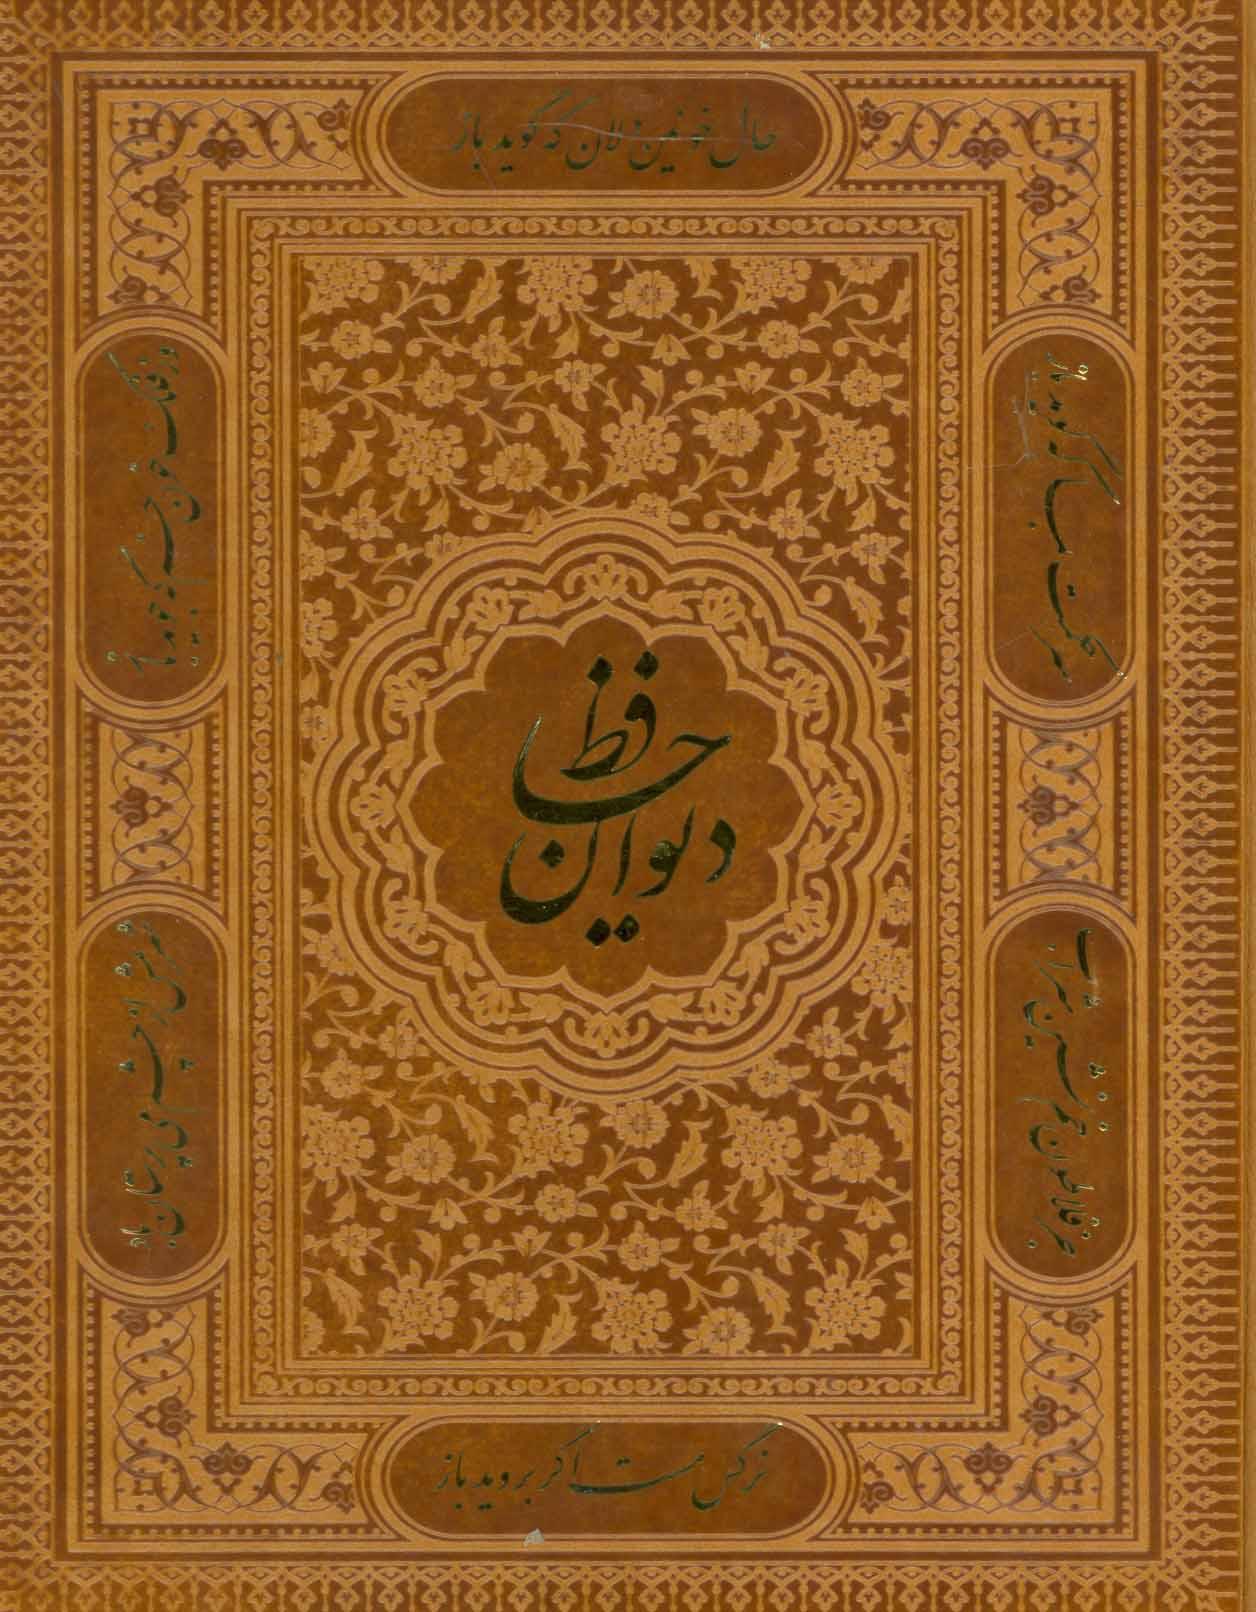 دیوان حافظ (2زبانه،گلاسه،باجعبه،لب طلایی)